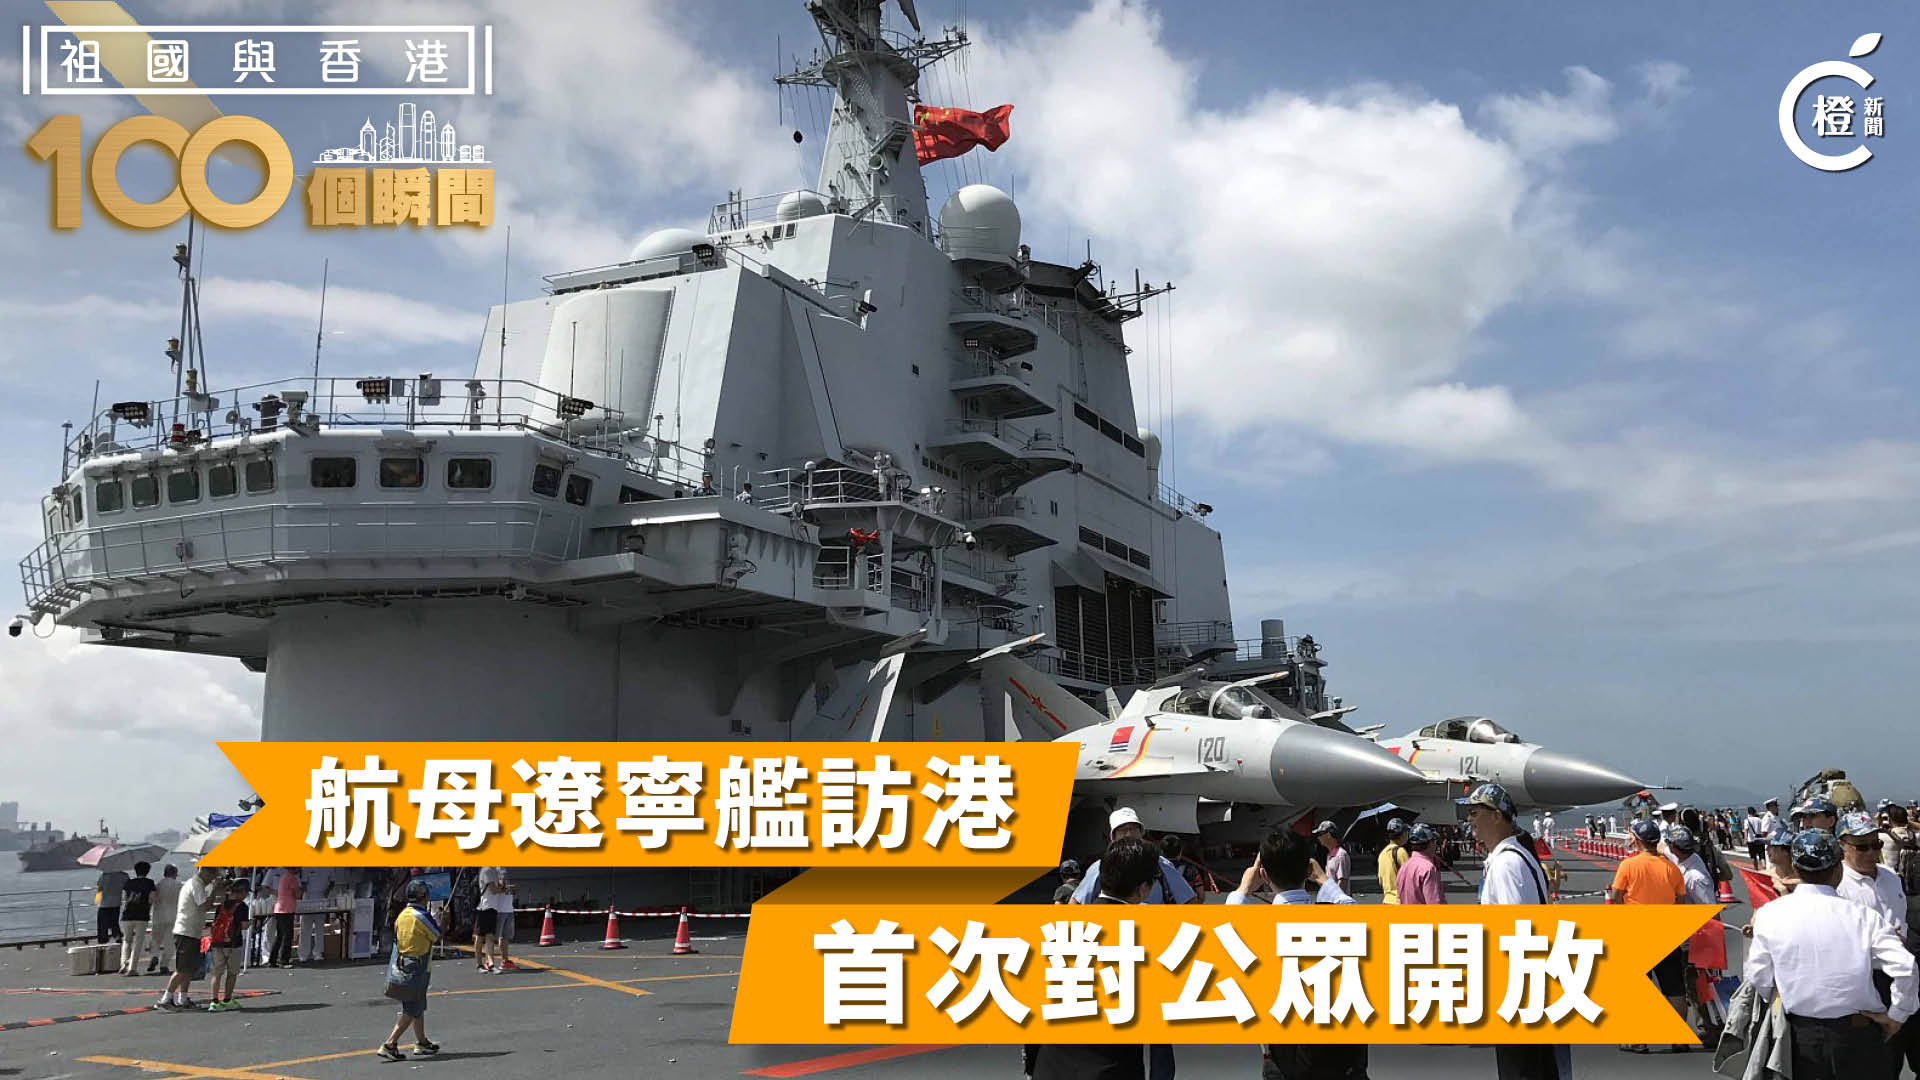 【祖國與香港100個瞬間】航母遼寧艦訪港 首次對公眾開放